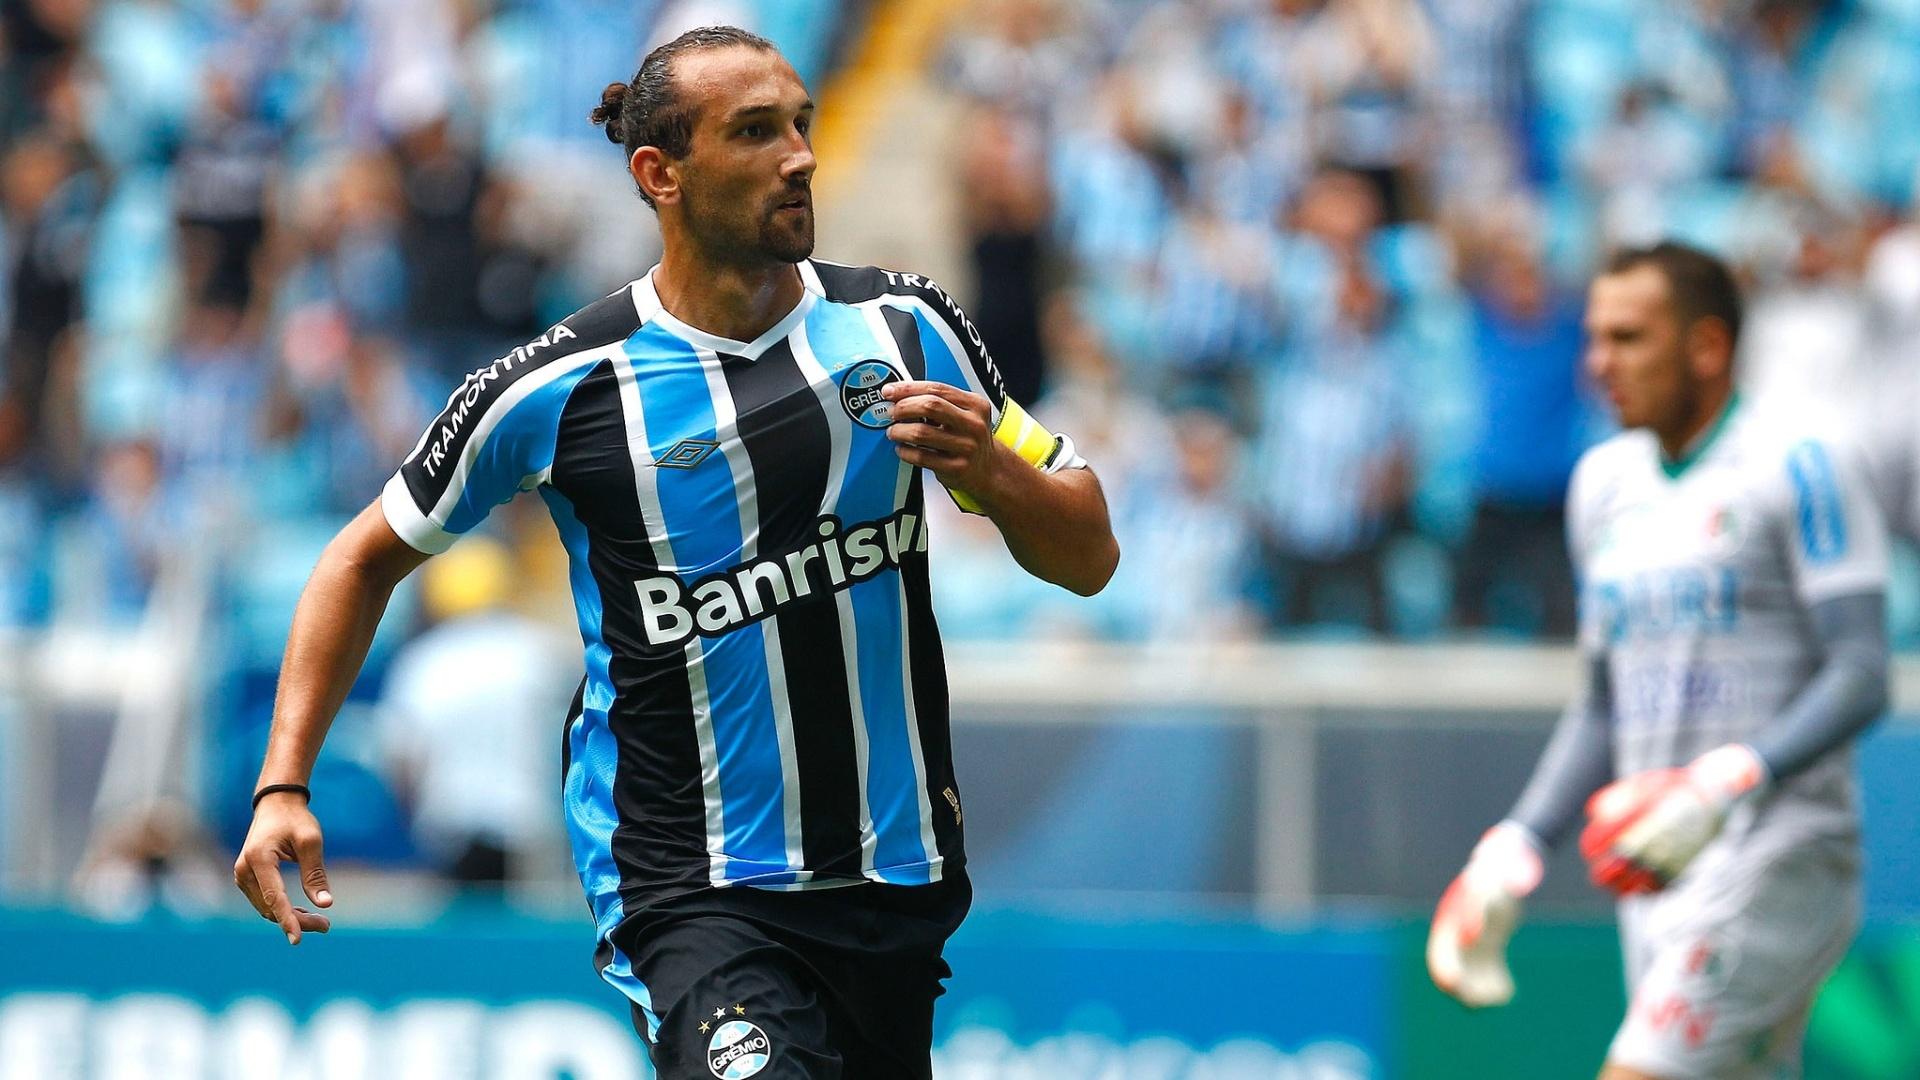 31 jan 2015 - Barcos comemora gol do Grêmio contra o União Frederiquense